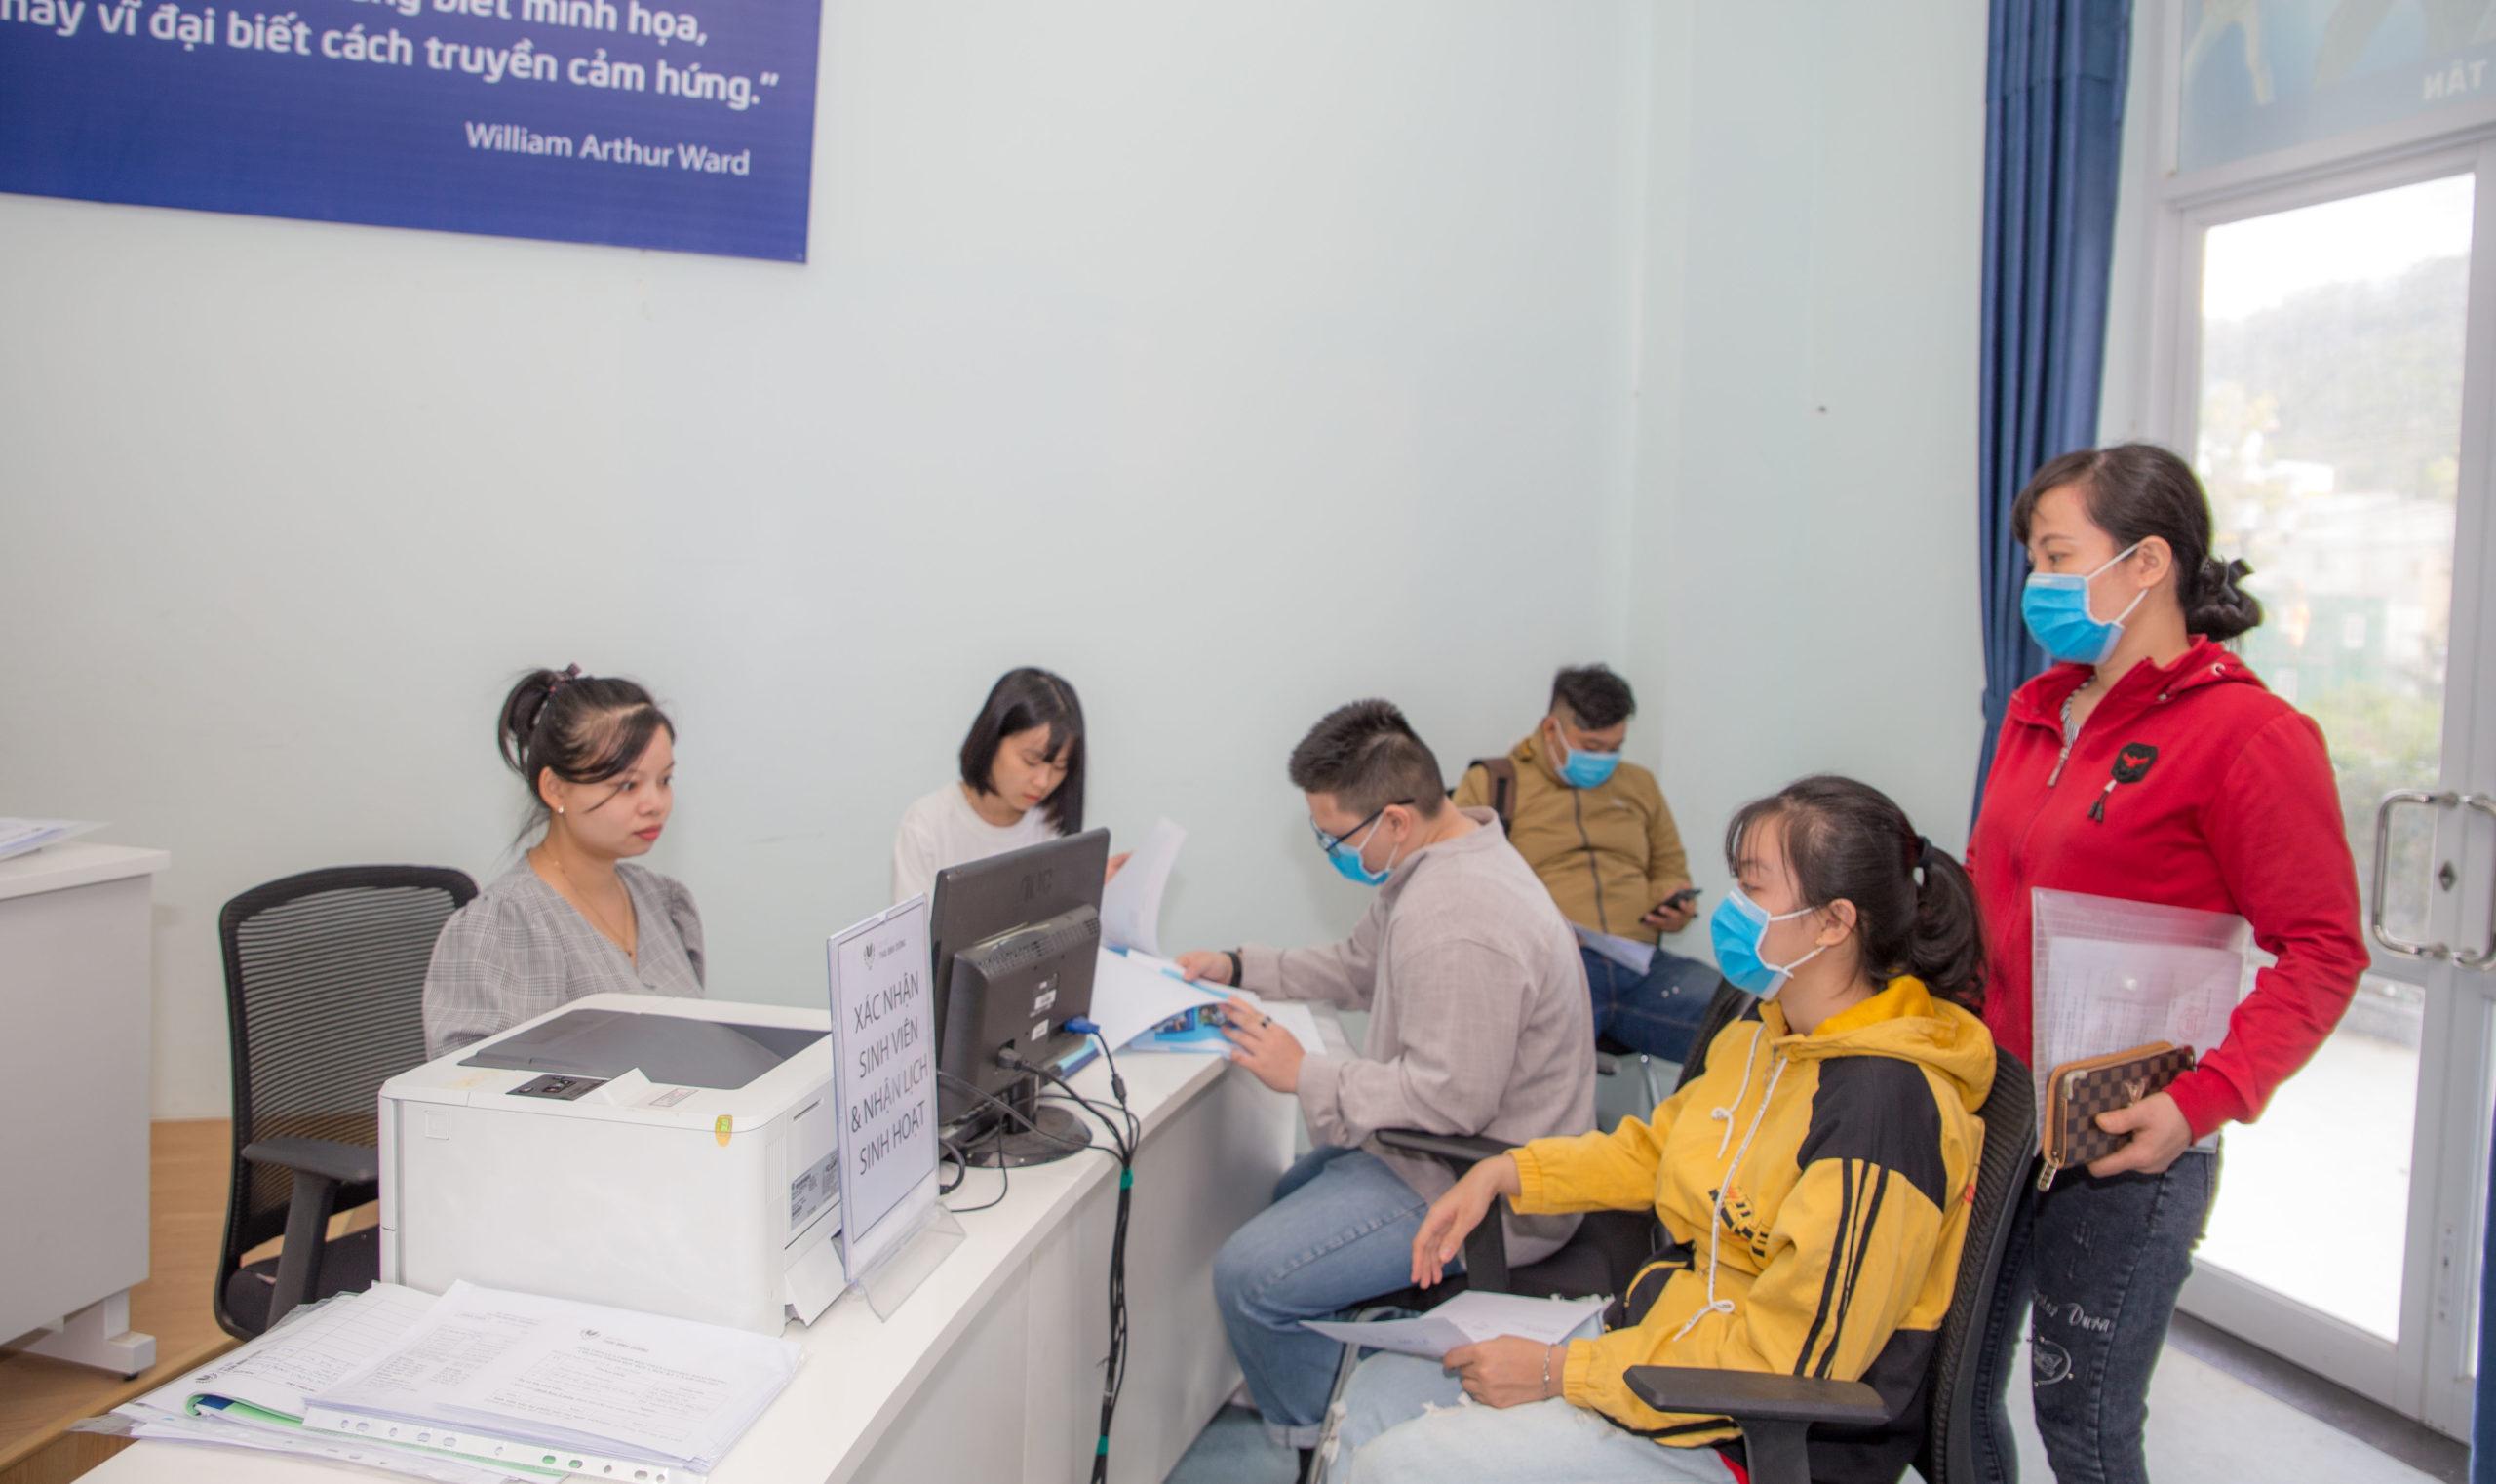 Trung tâm Kết nối và Hỗ trợ Sinh viên